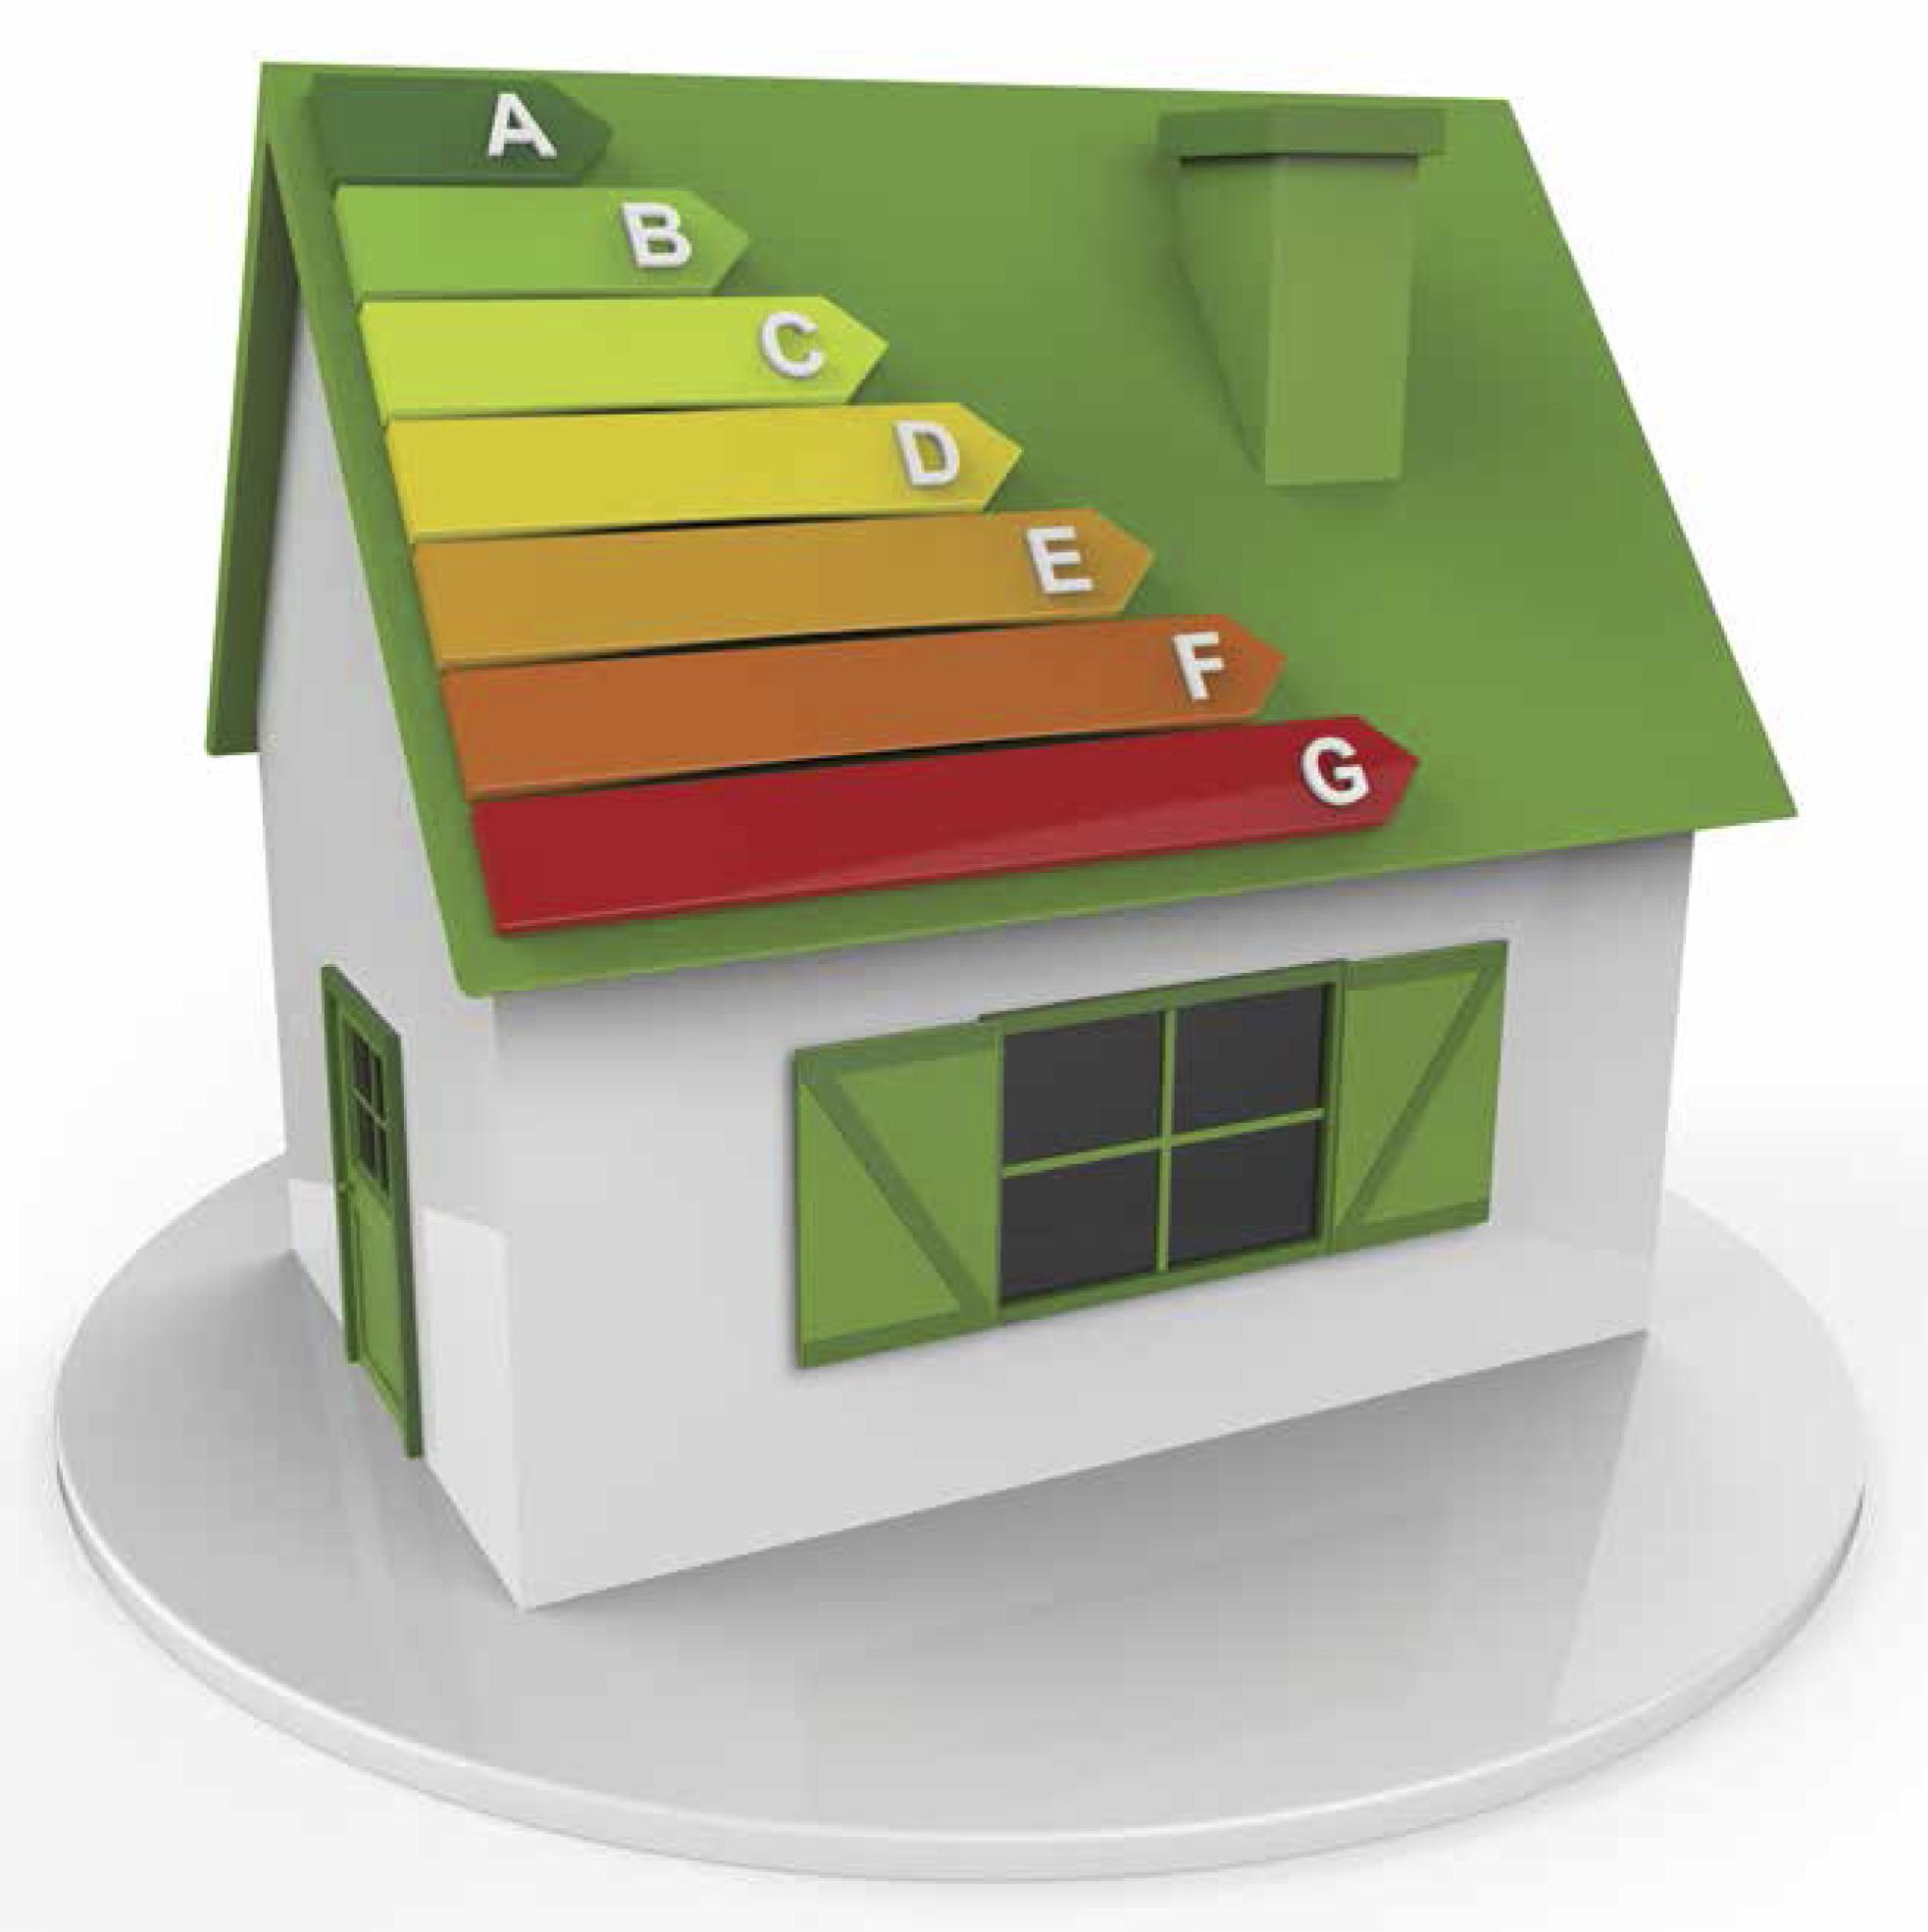 Projeto de residência com melhor aproveitamento energético - O Setor  Elétrico